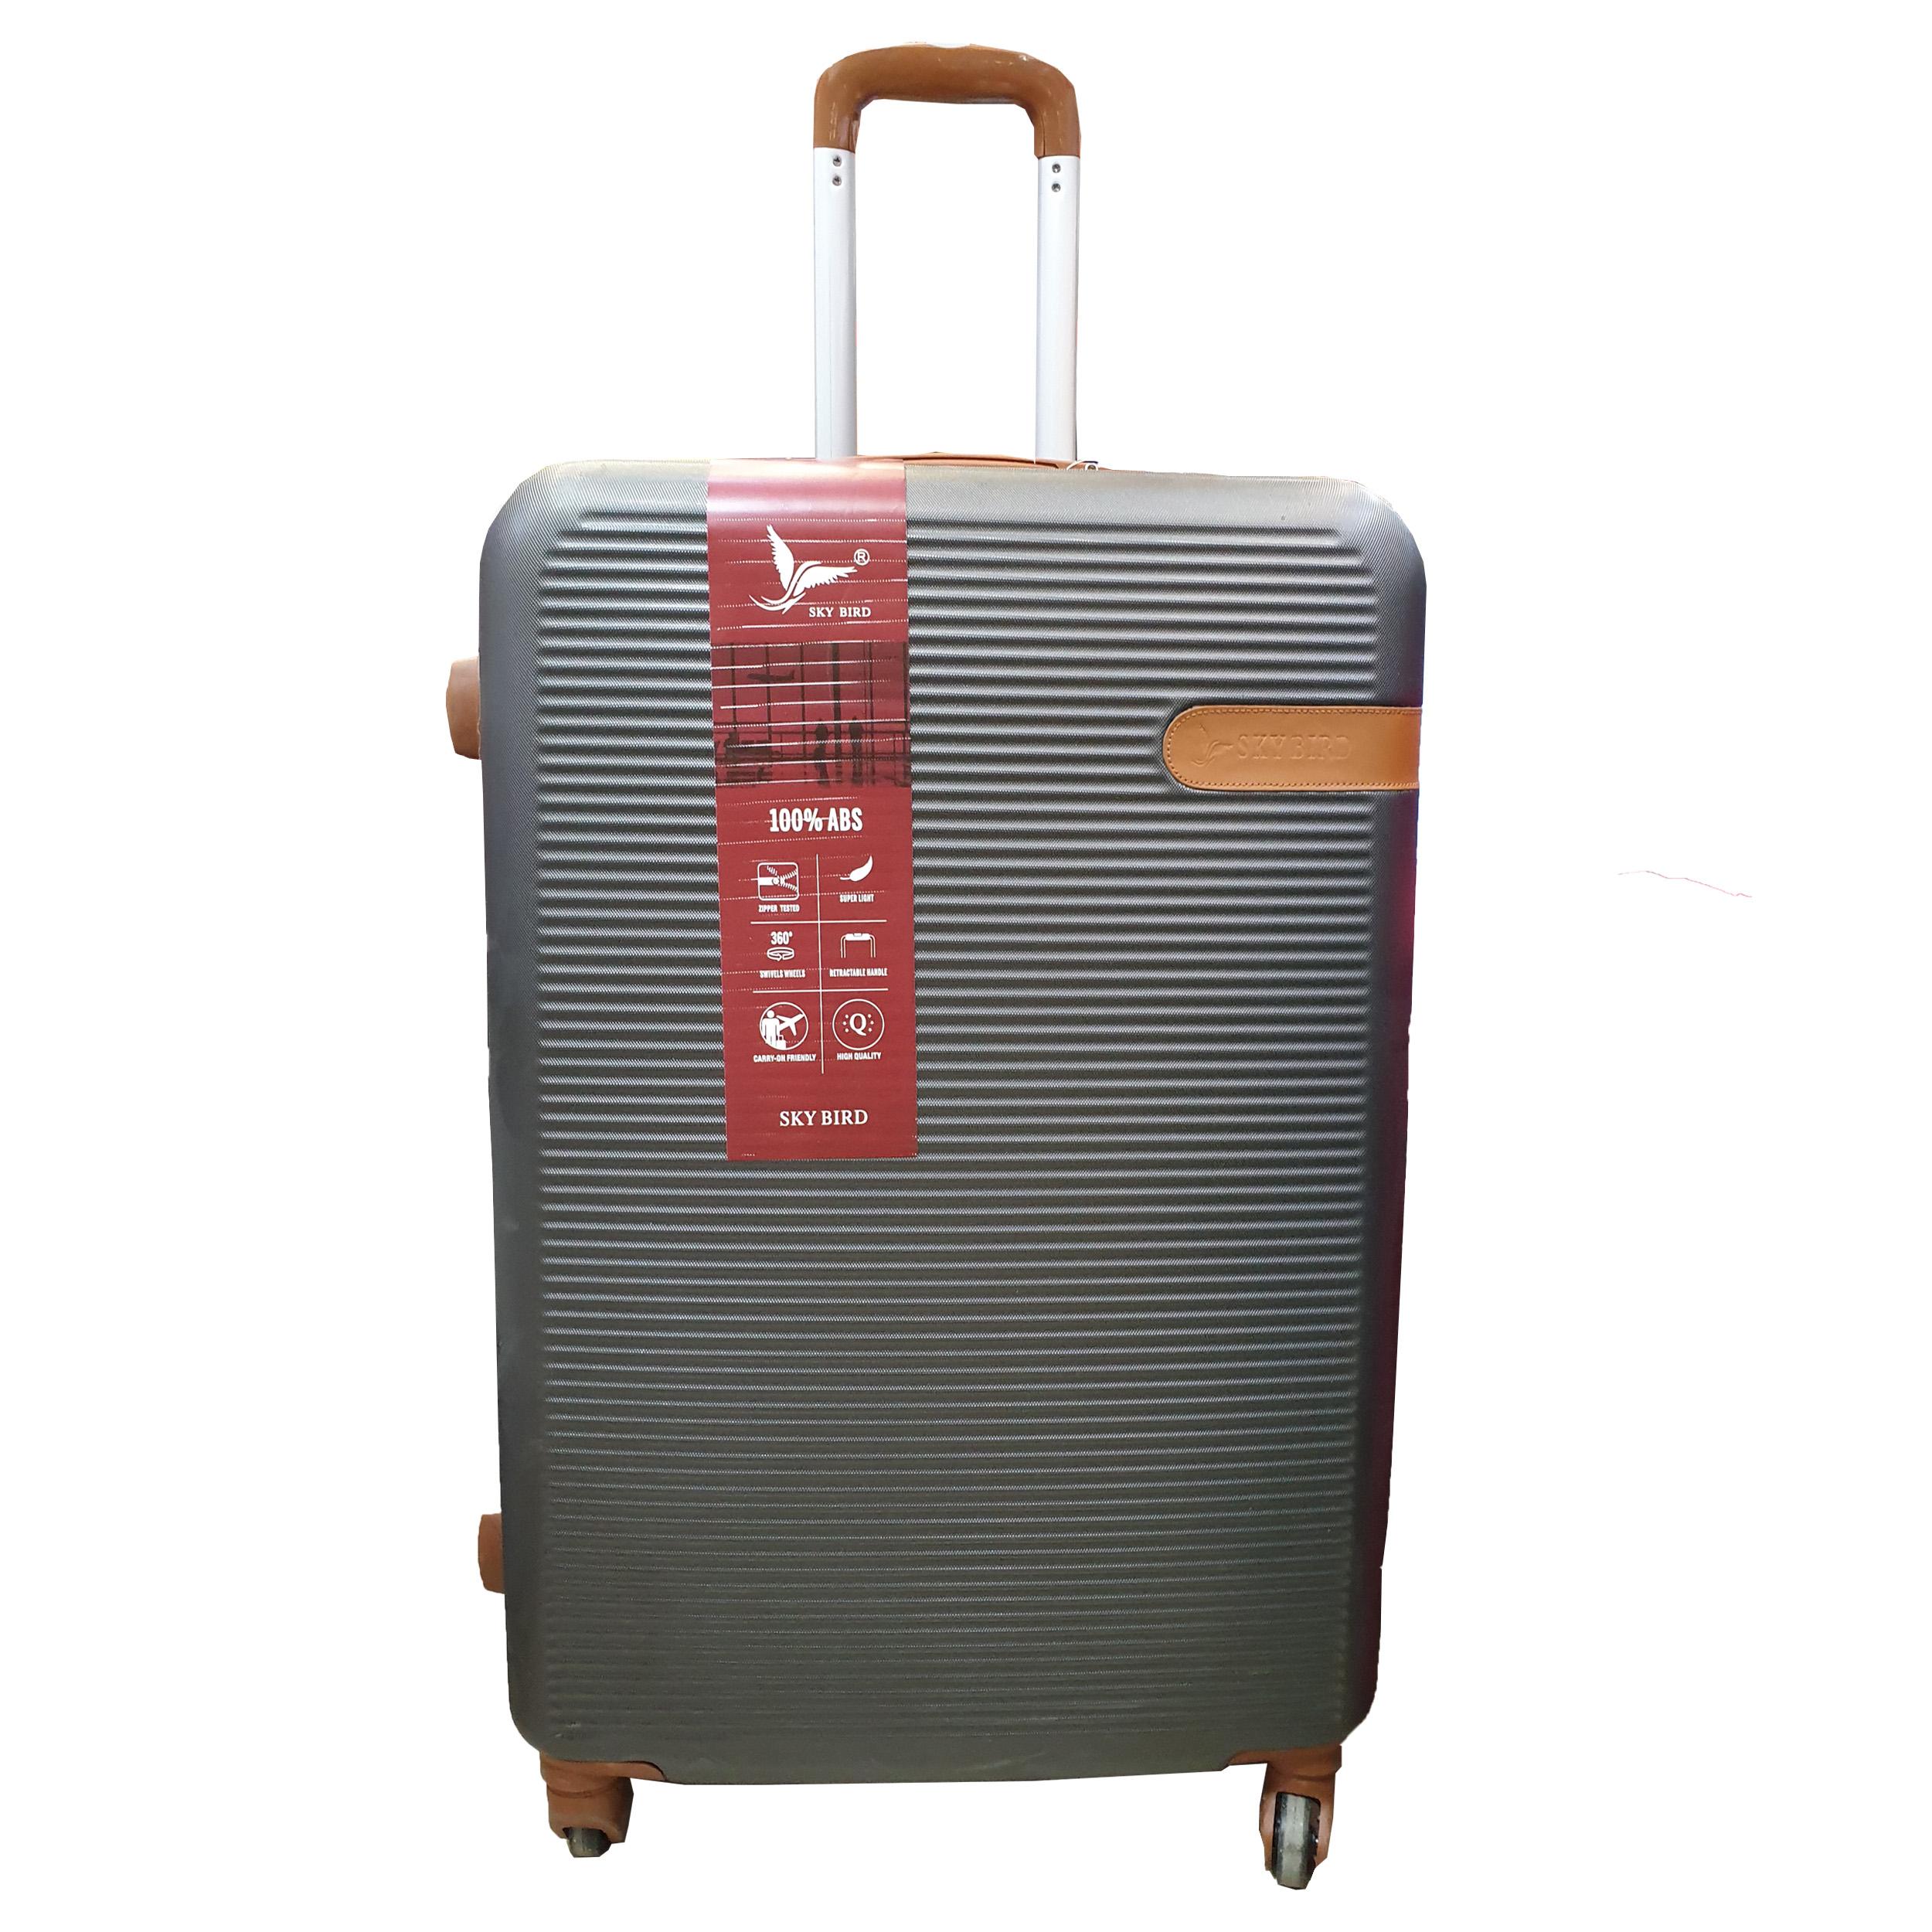 چمدان اسکای برد کد B003 سایز بزرگ